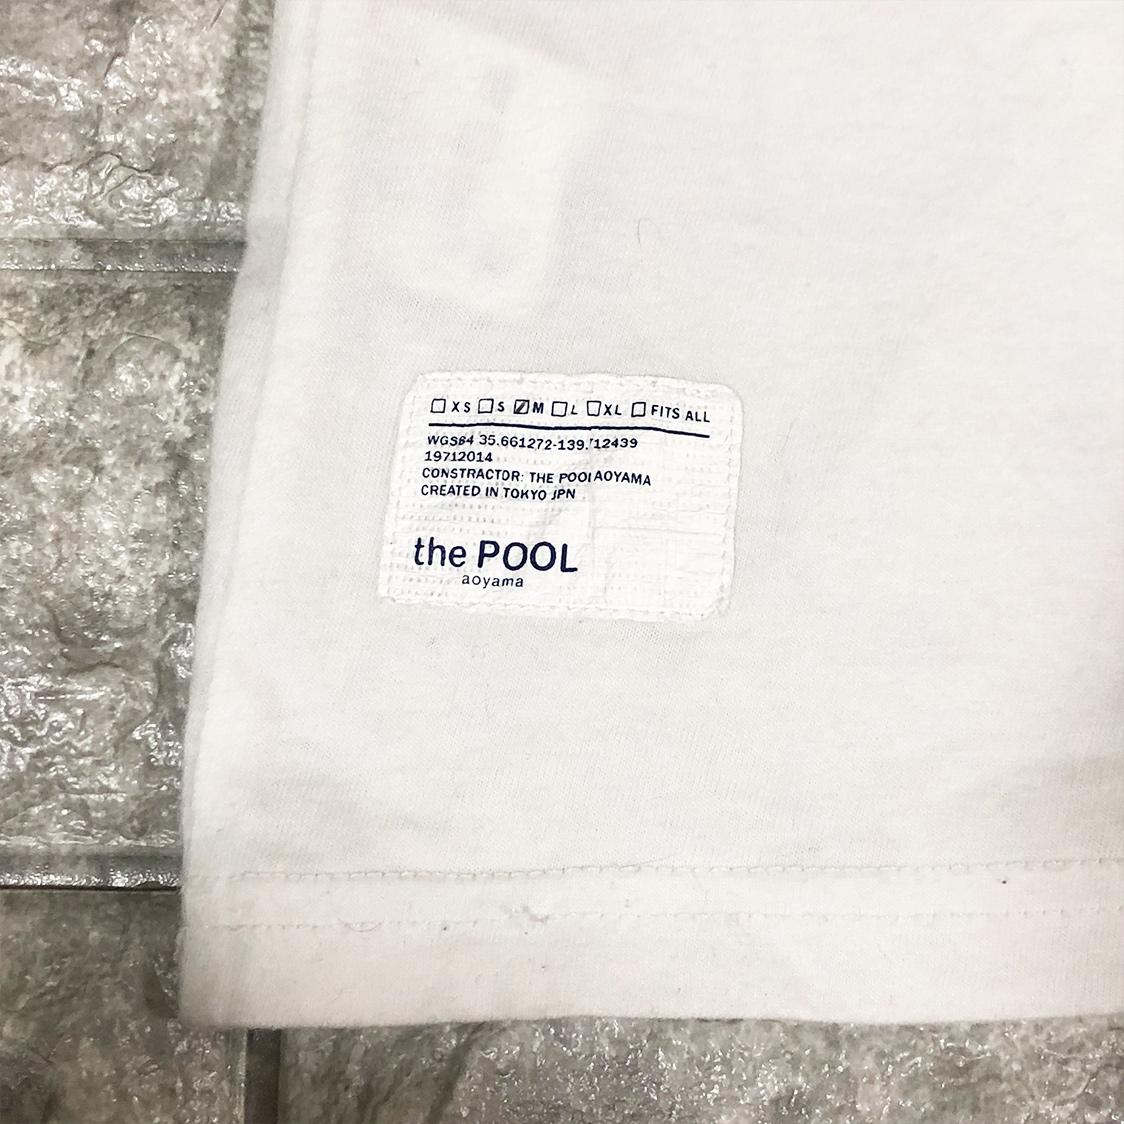 the POOL Aoyama ザ プール アオヤマ Tシャツ サイズM 半袖 カットソー アーチロゴ ホワイト フラグメント 藤原ヒロシ